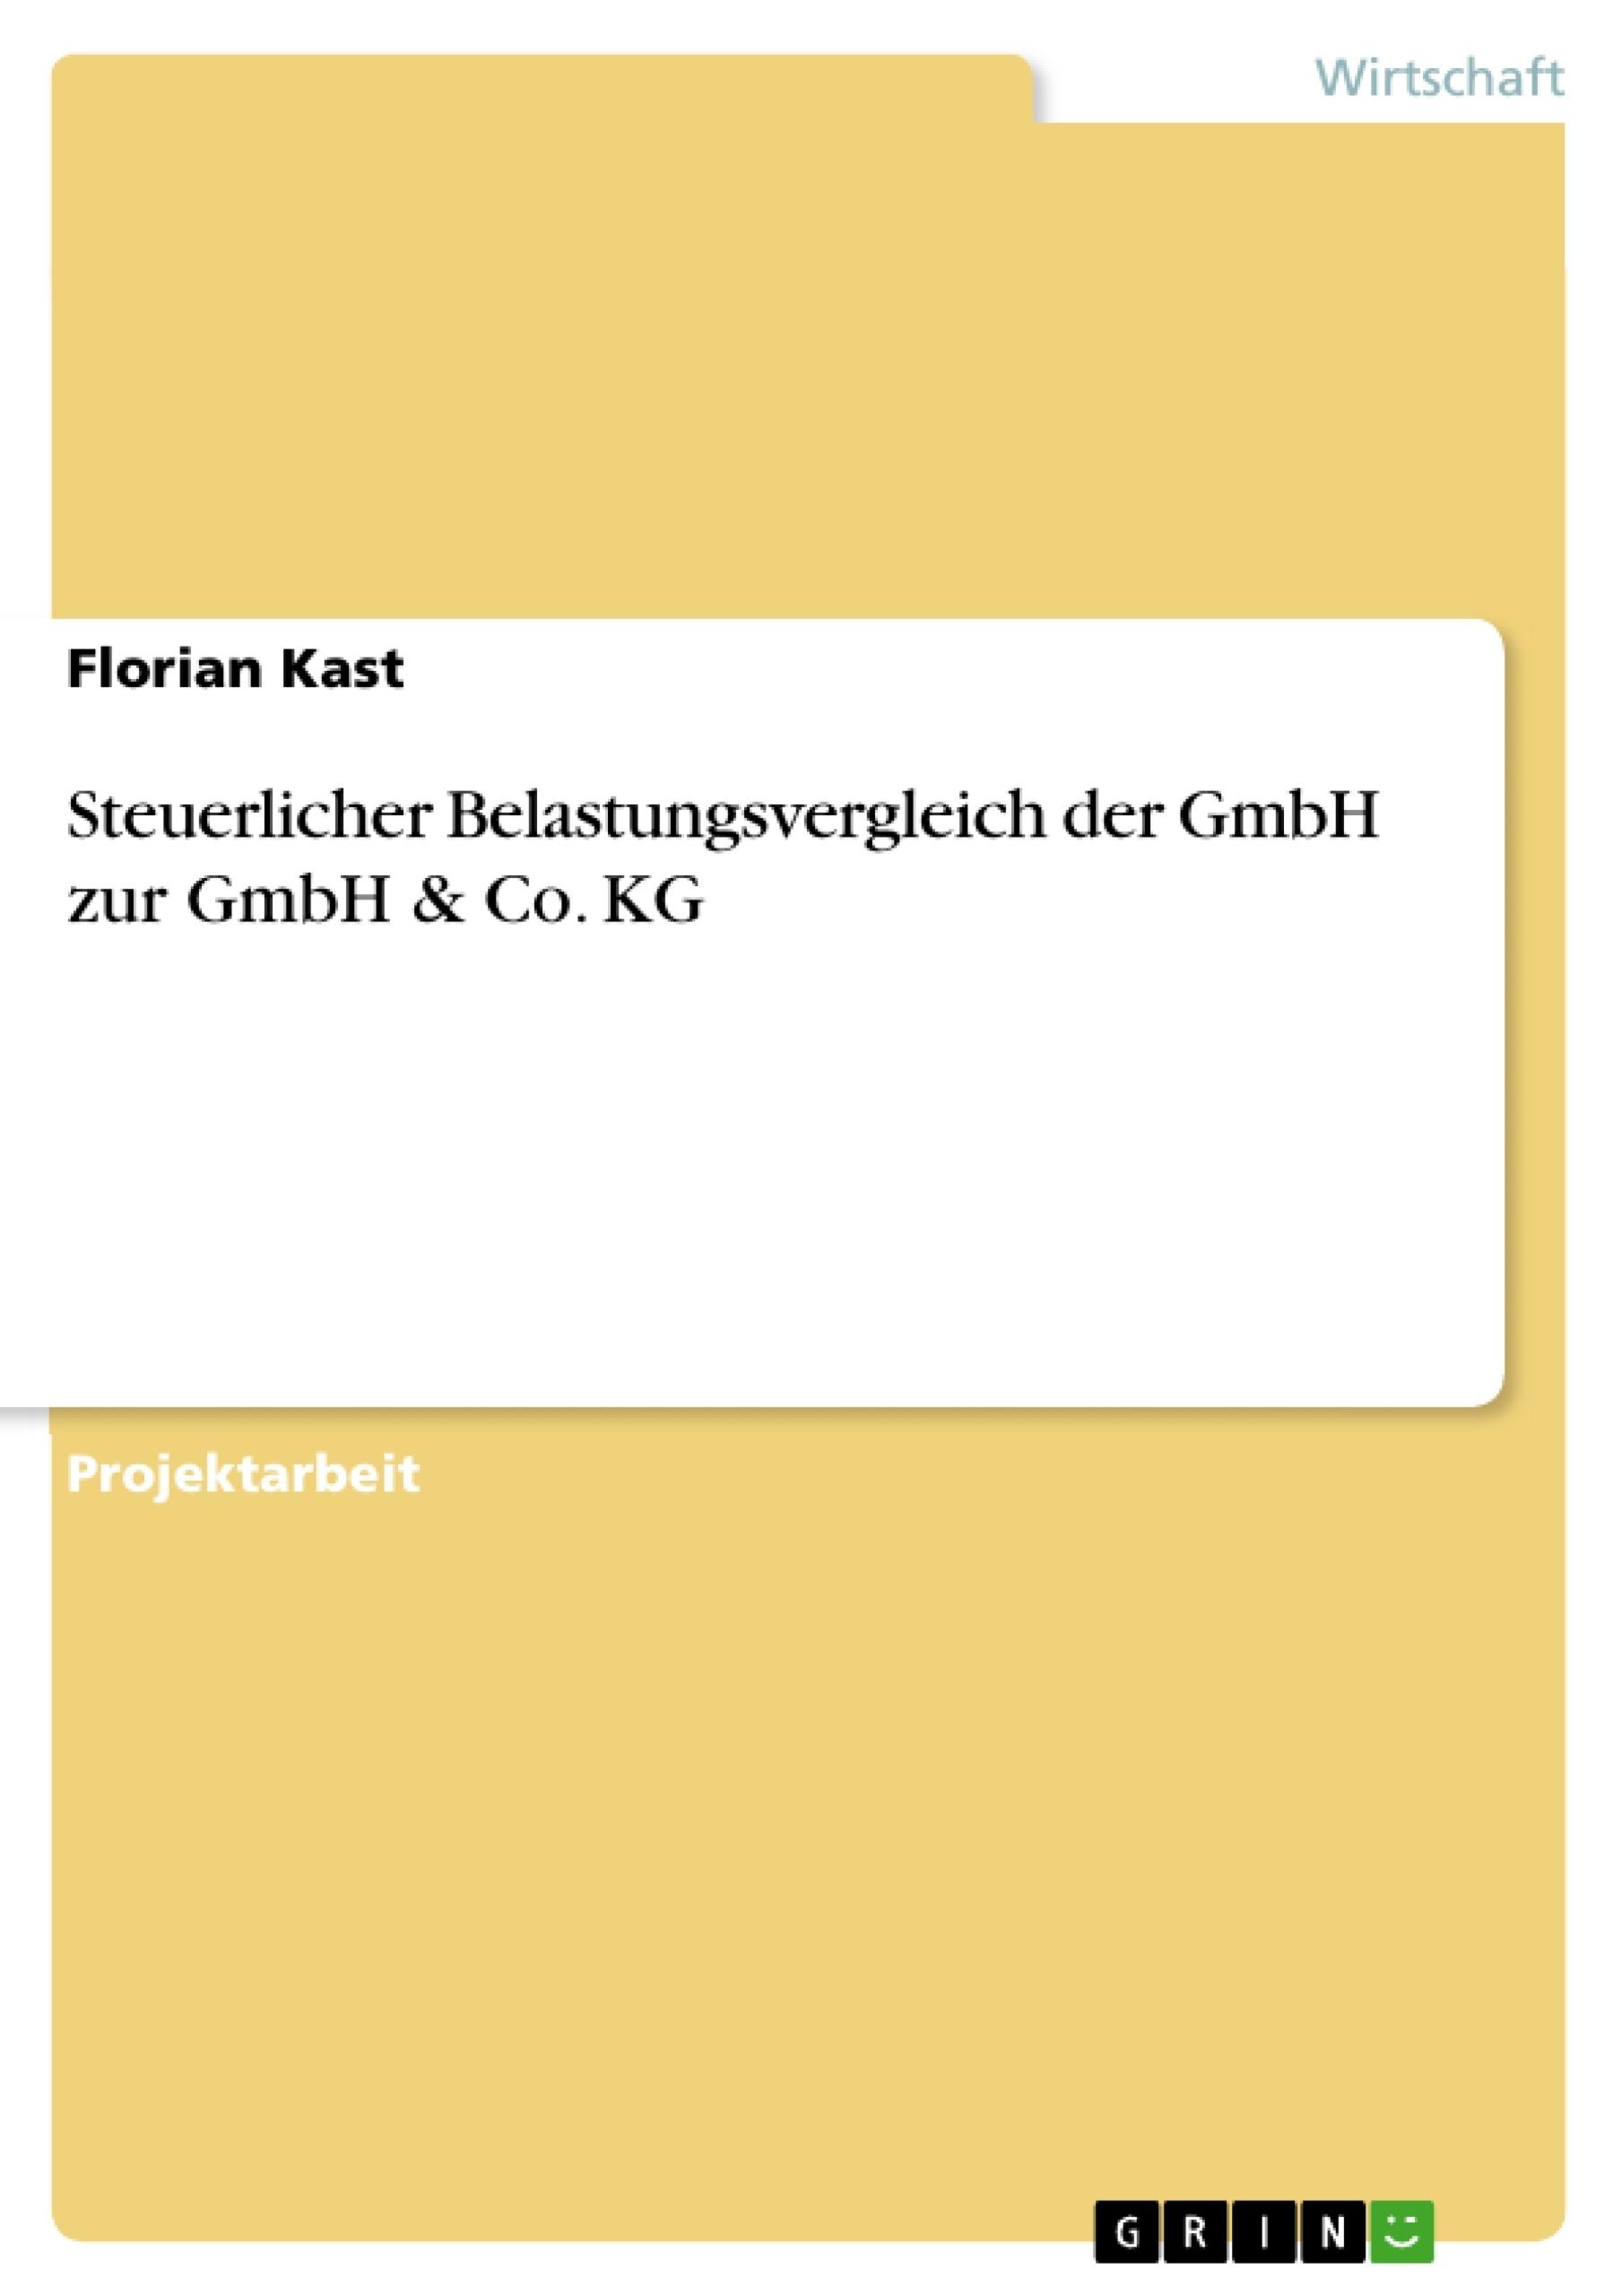 Titel: Steuerlicher Belastungsvergleich der GmbH zur GmbH & Co. KG